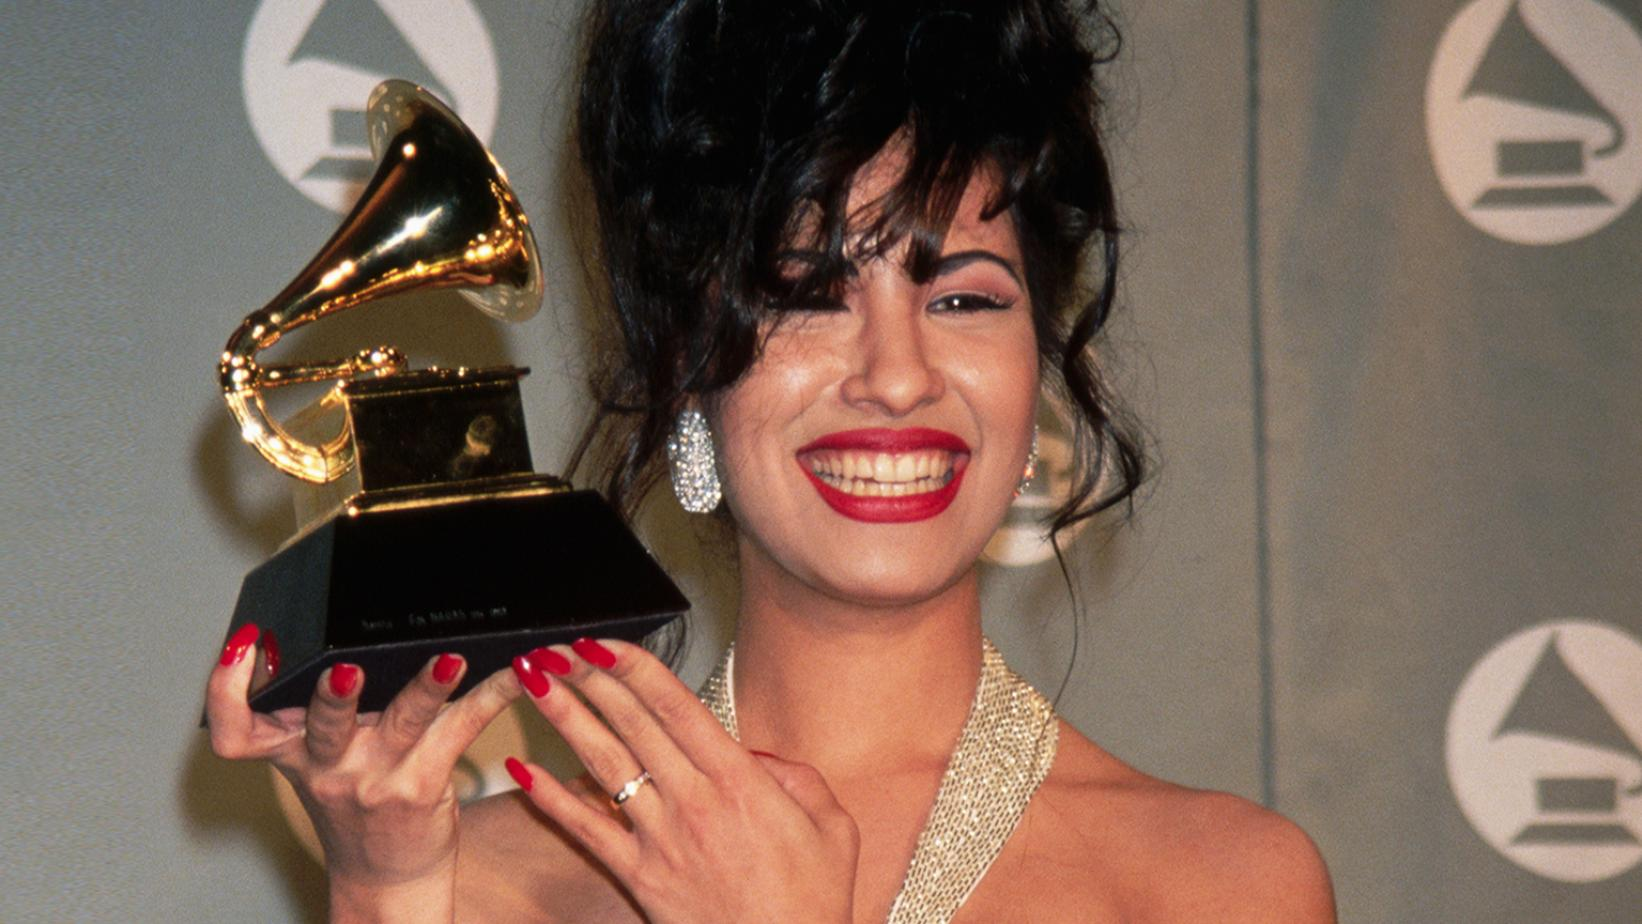 Selena Quintanilla, uma mulher branca de cabelo preto, está segurando seu gramofone dourado. Ela está de cabelo preso, com a franja no rosto, brincos brilhantes e unhas grandes pintadas de vermelho. Ela está sorrindo, com um batom vermelho e a alça de seu vestido é brilhante. Na mão em que está segurando o Grammy, ela usa um anel prata.